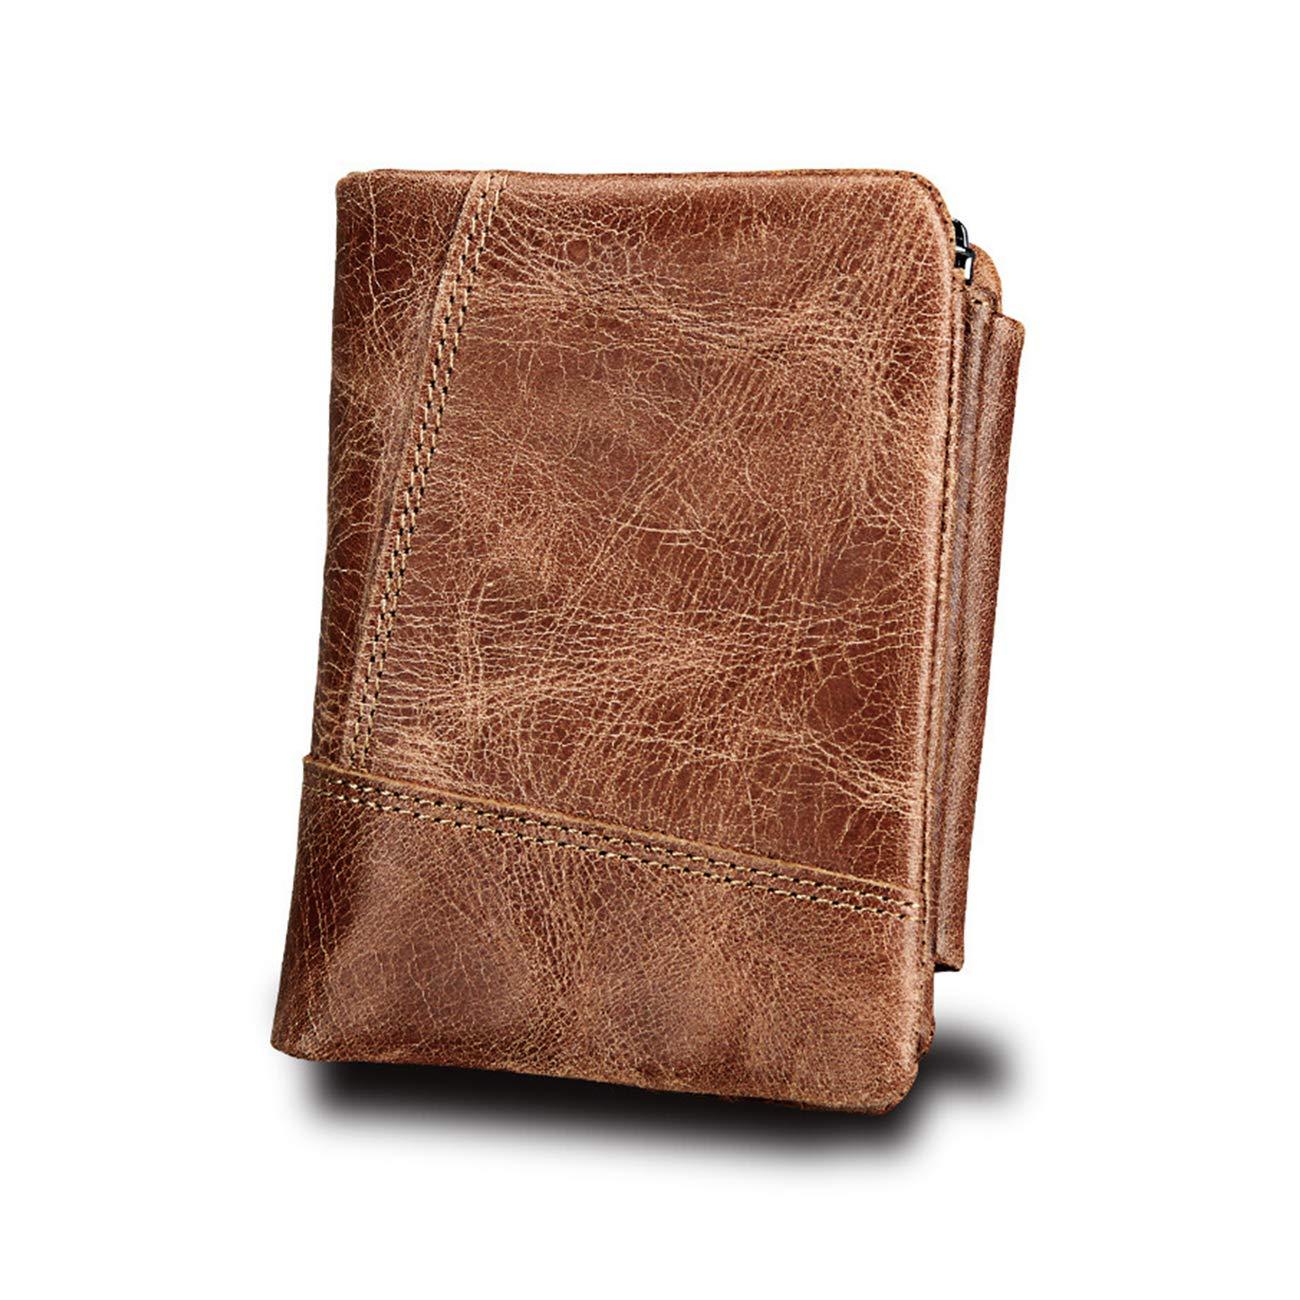 Wallet for Men Portefeuille Homme avec Blocage RFID Cuir | Porte-Monnaie Classique, Porte-cartes Format Portrait ,Kyerivs 1 Volets Zippé Rangement pour Pièces ,Carte de Crédit, Billets(marron) wallet-3